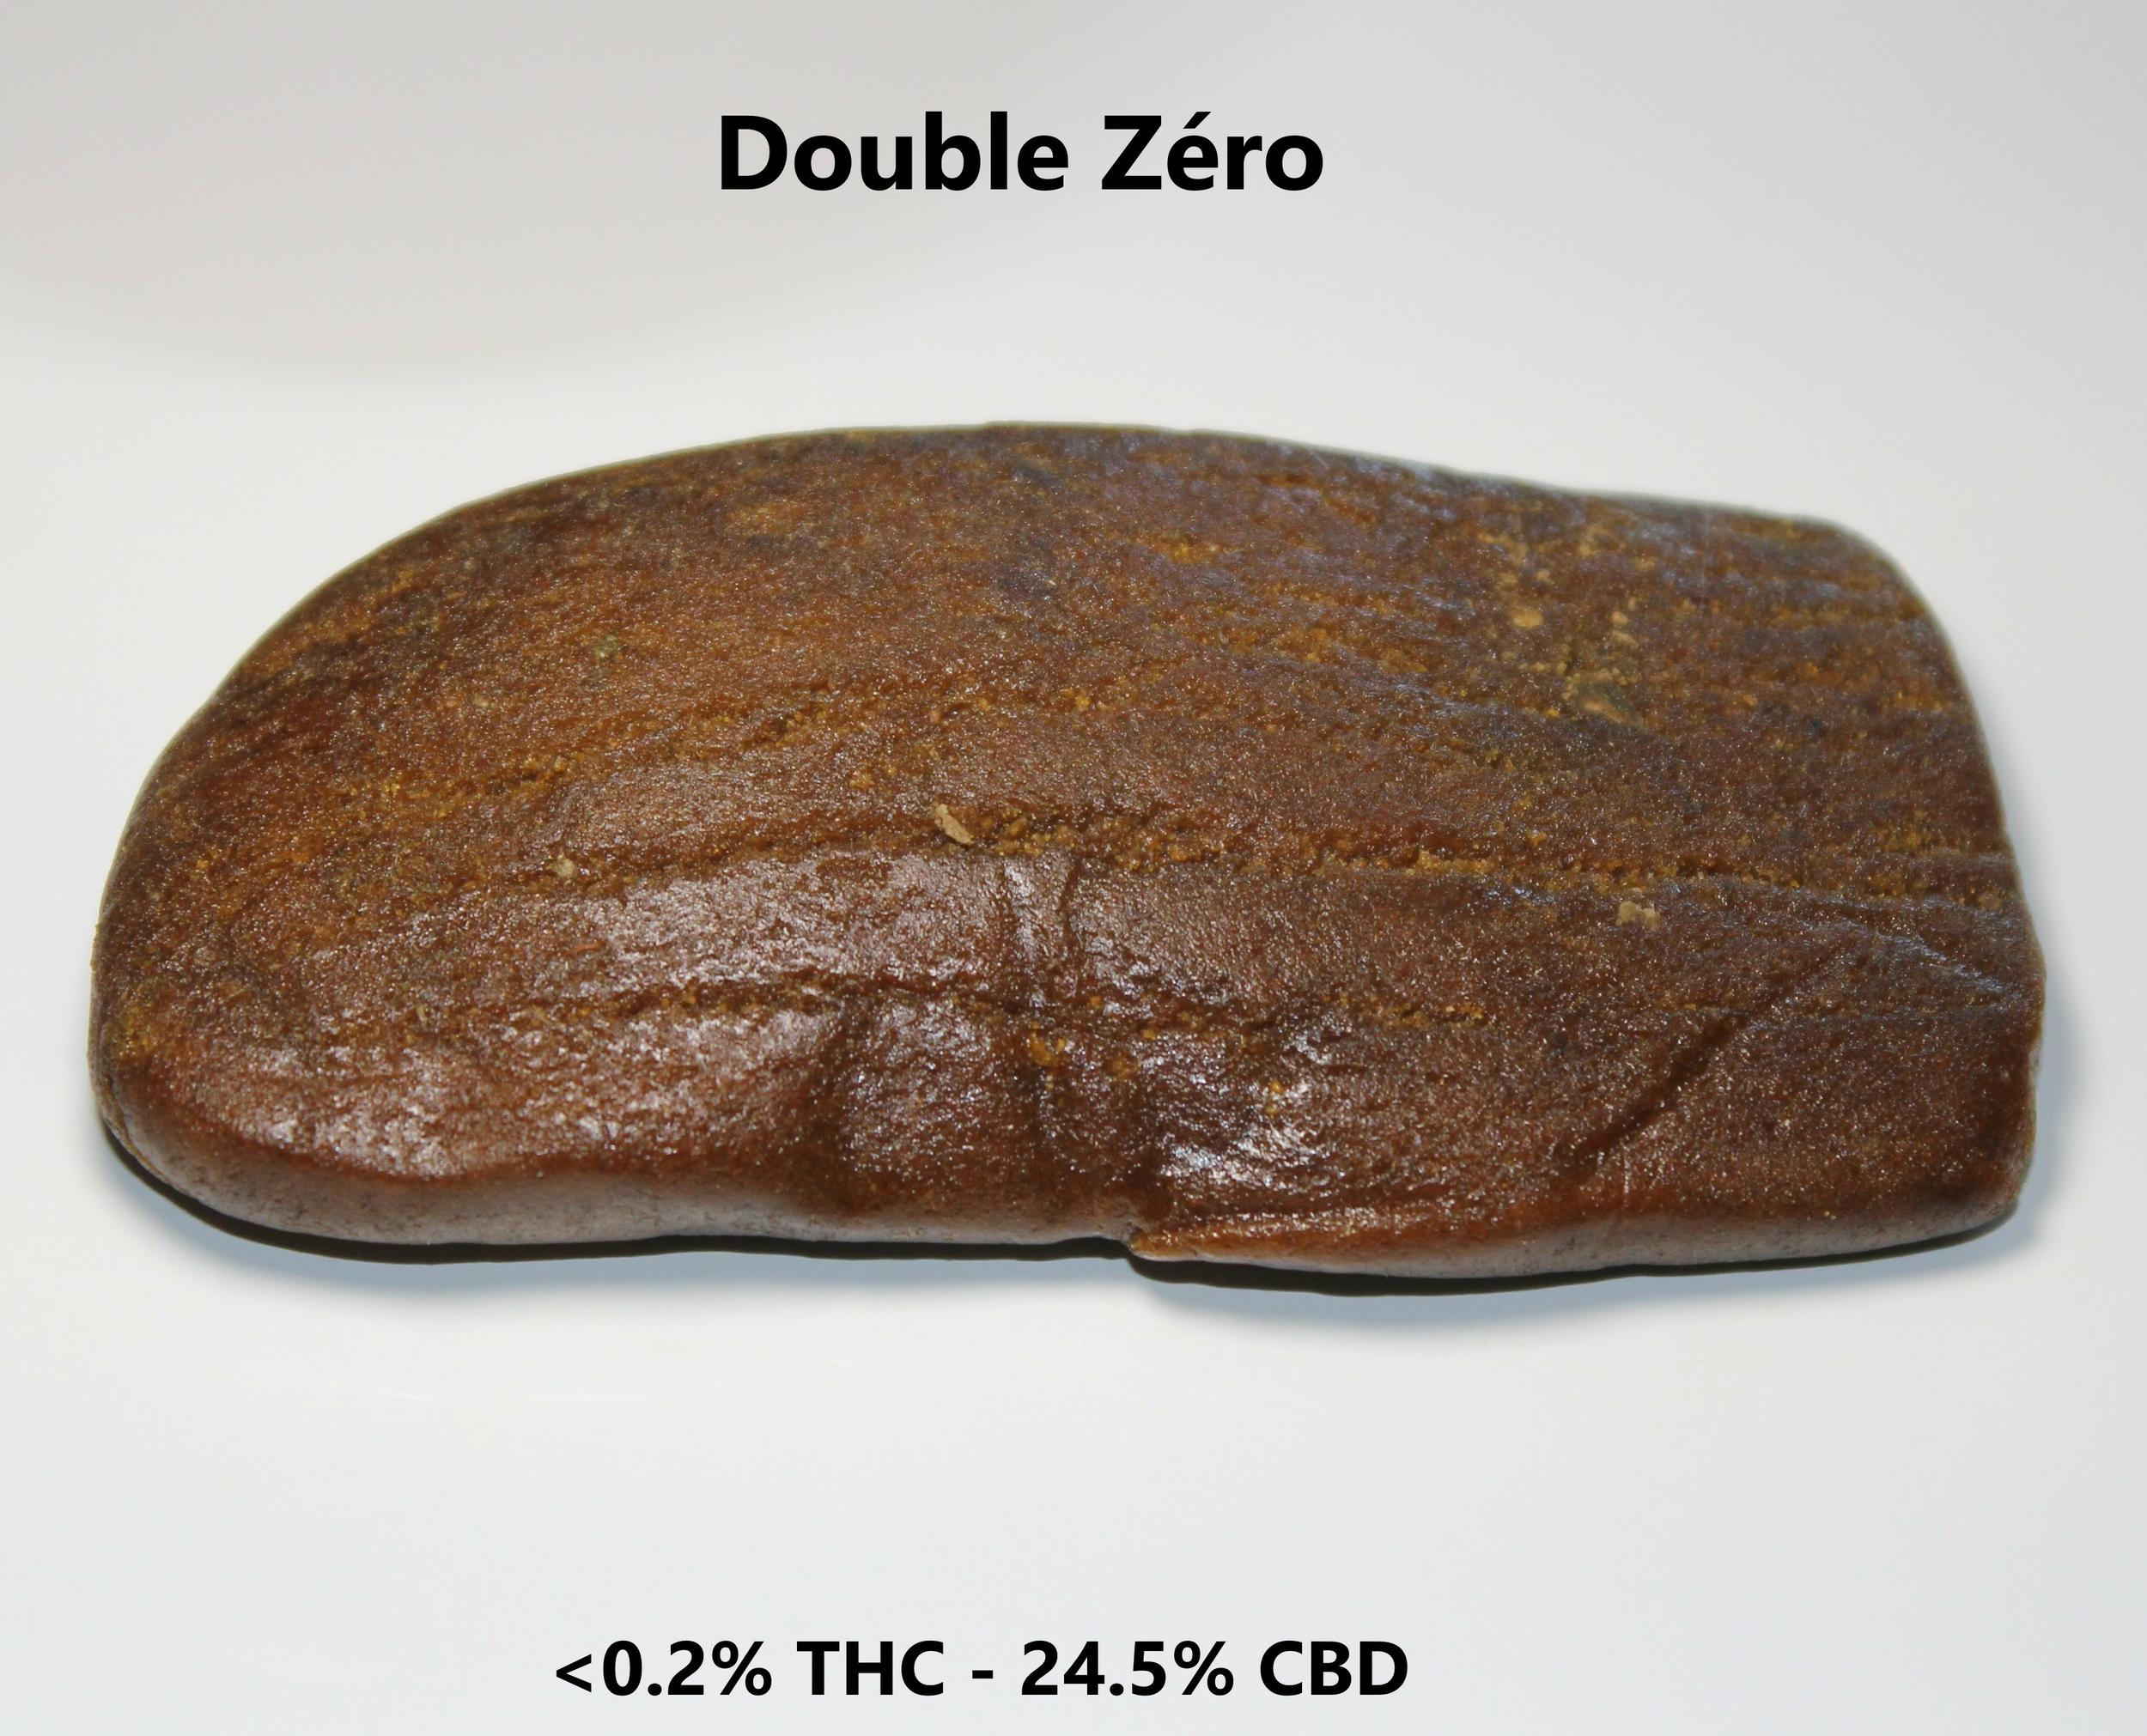 Doublez